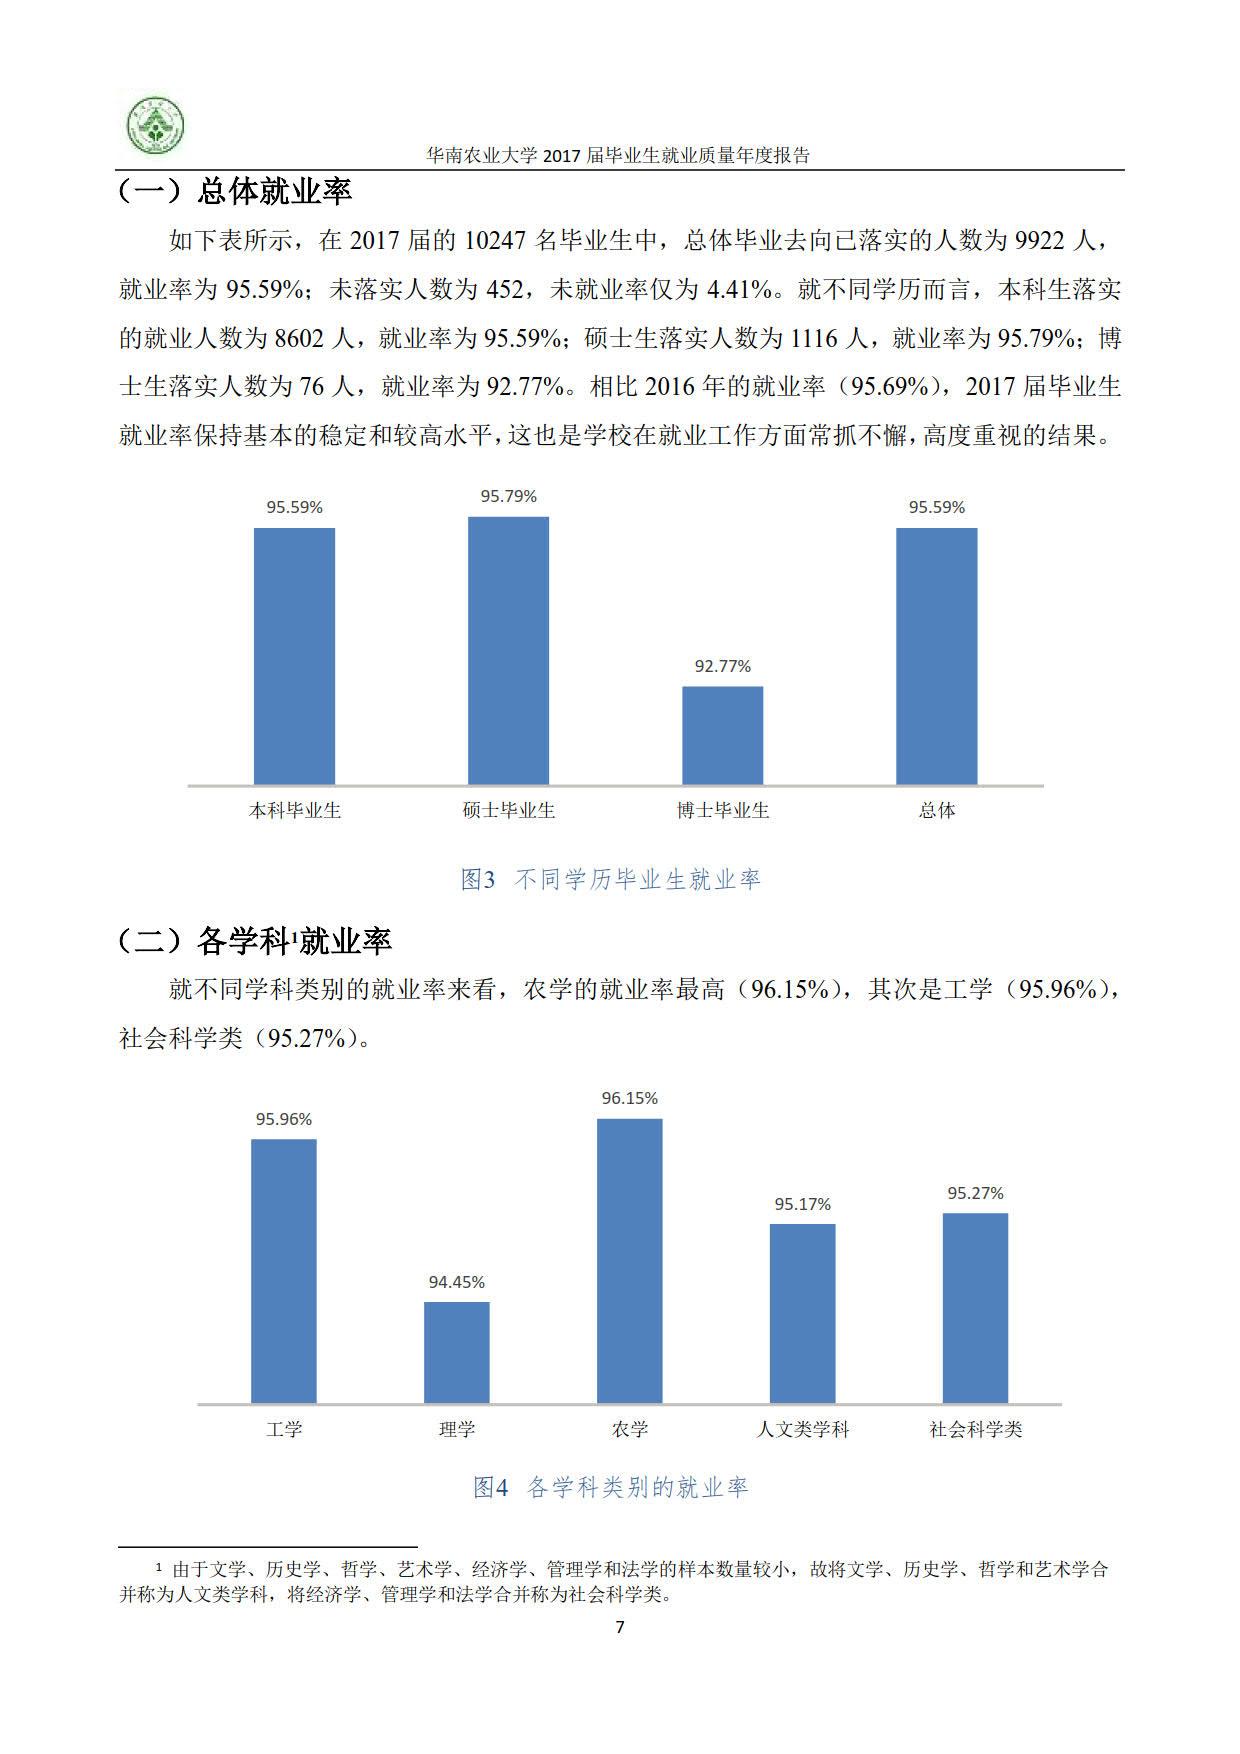 华南农业大学2017届本科毕业生最终就业情况统计表